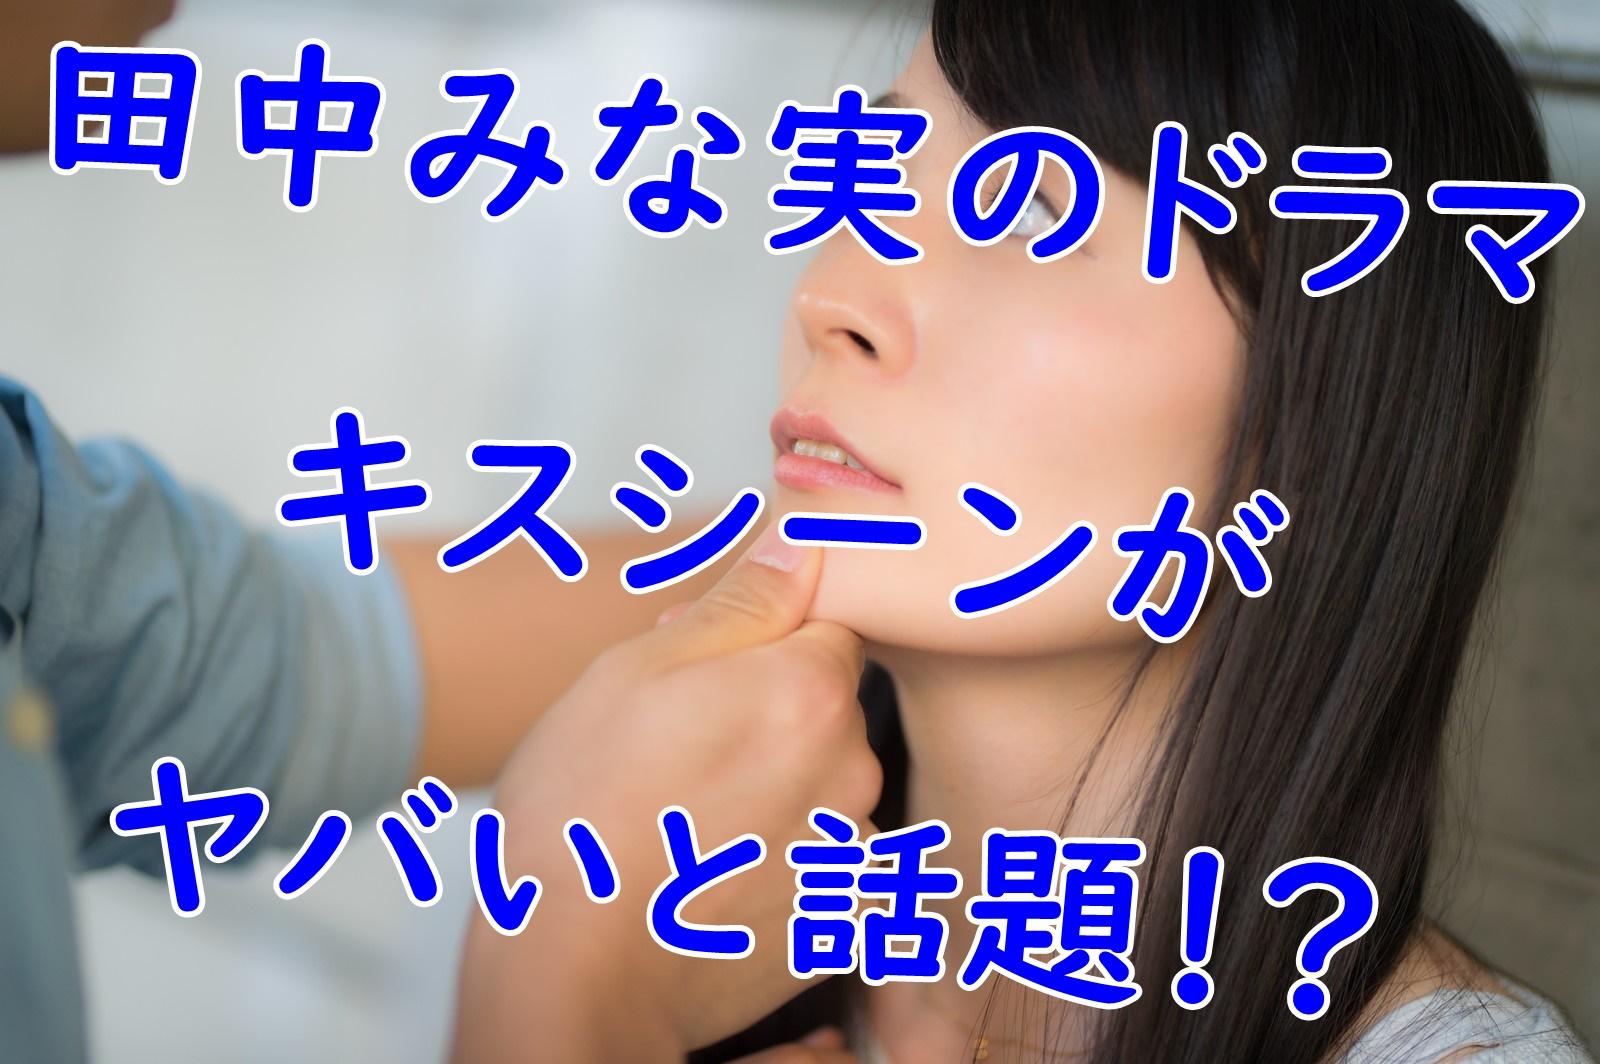 田中みな実のドラマのキスシーンがヤバいと話題に!?